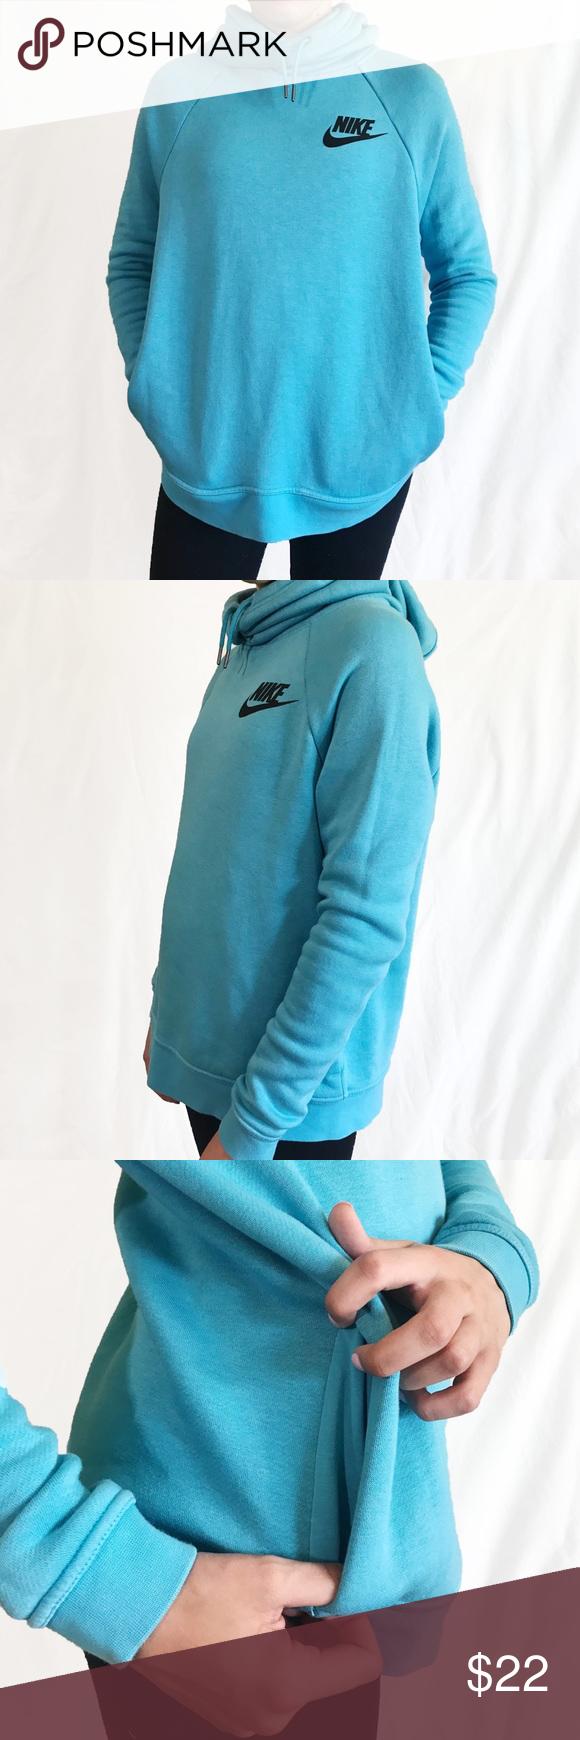 Nike Sweatshirt Nike Sweatshirts Sweatshirts Nike Hoodie [ 1740 x 580 Pixel ]